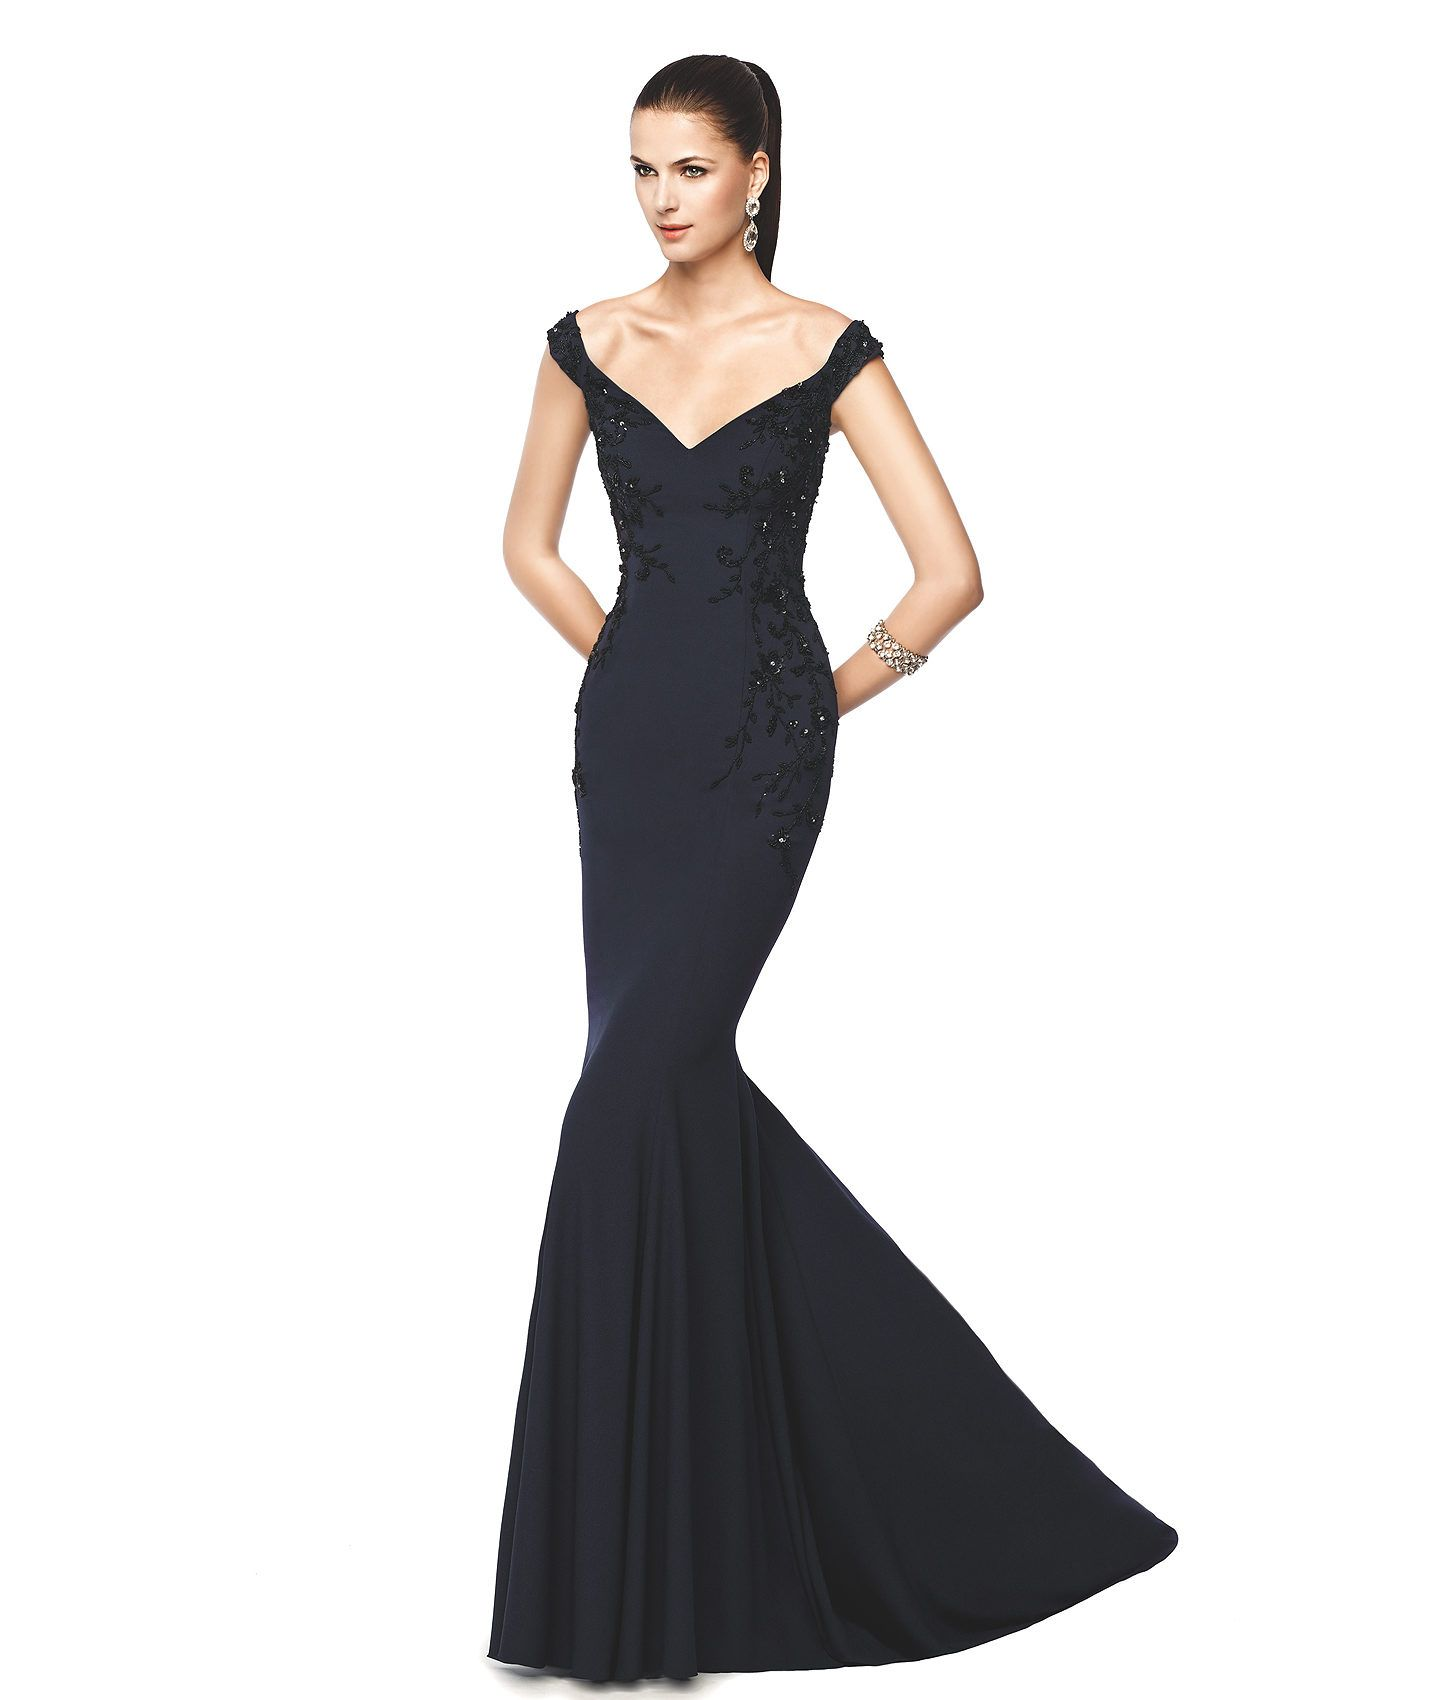 NELVA - Vestido de fiesta negro corte sirena. Pronovias 2015 ...